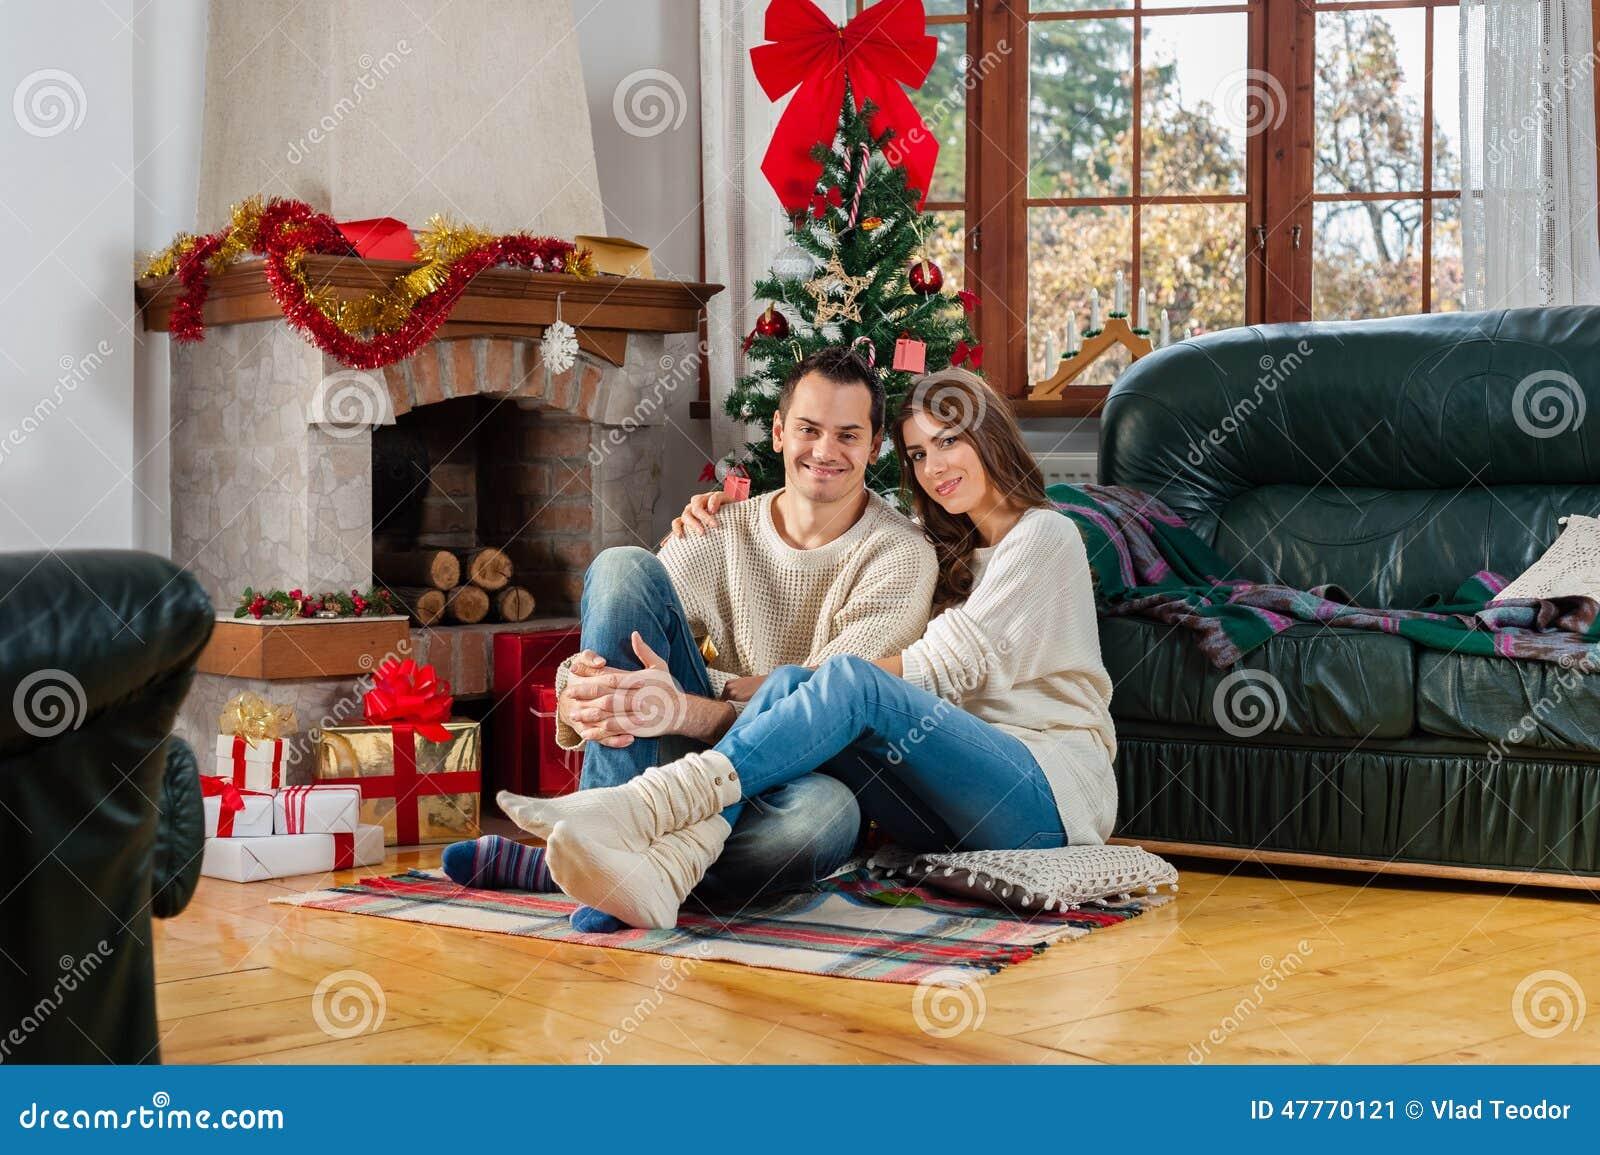 Celebrating Christmas Together Stock Photo Image 47770121